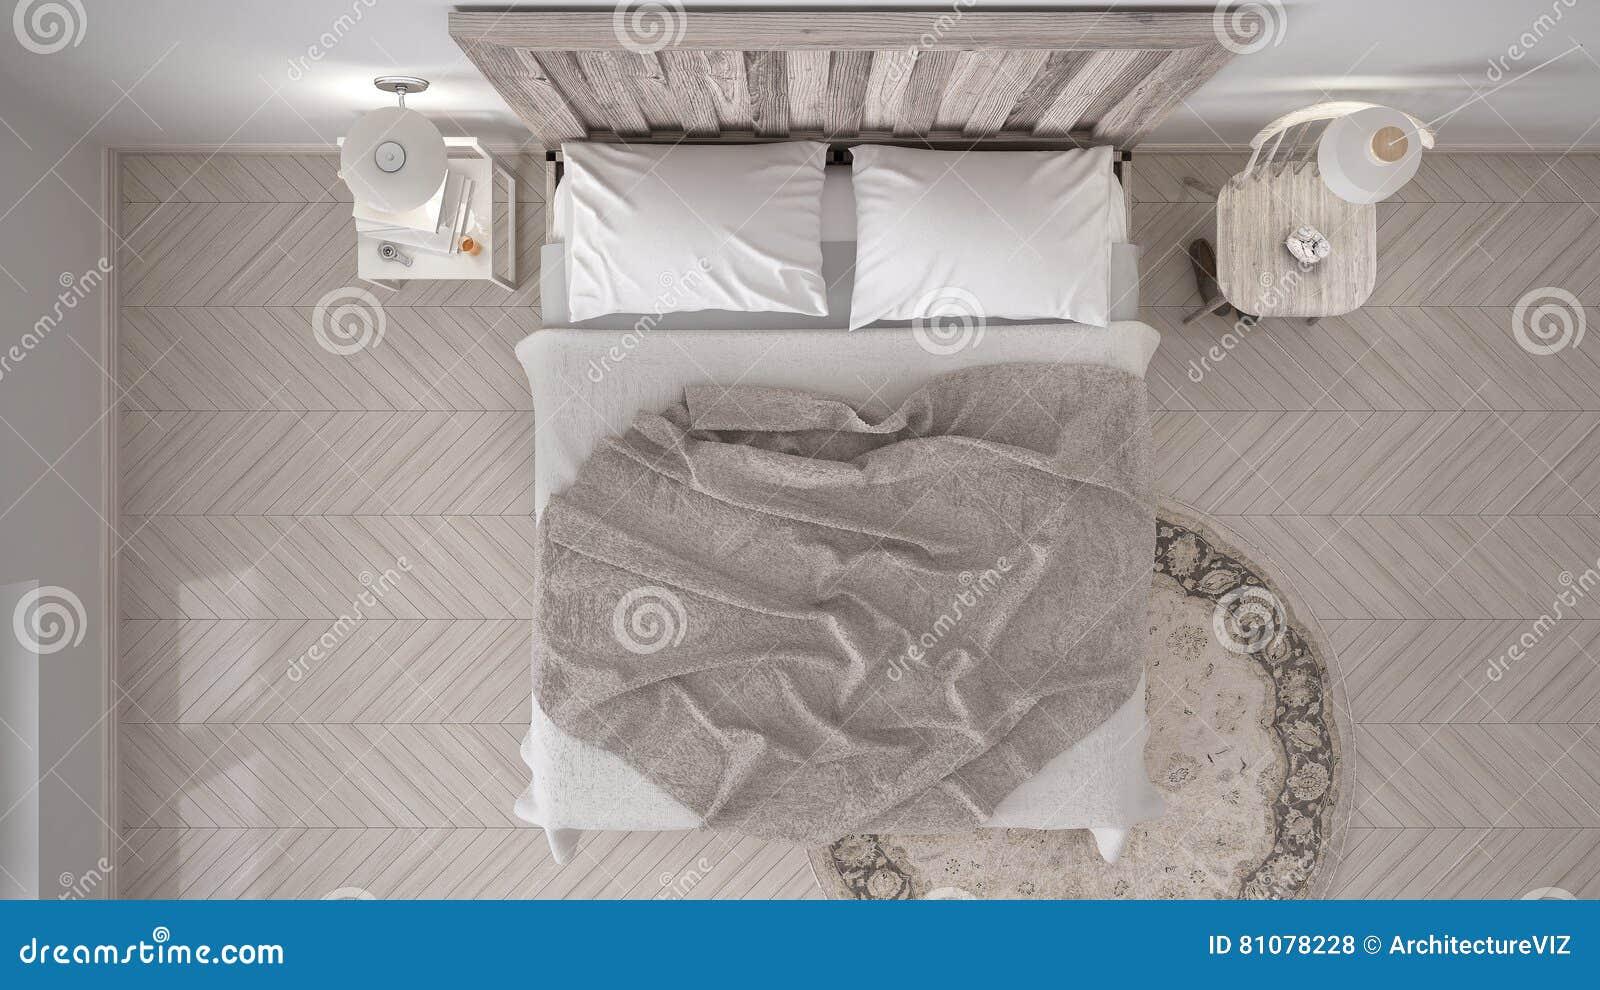 Diy Voor Slaapkamer : Diy slaapkamer bed met houten hoofdeinde skandinavische witte